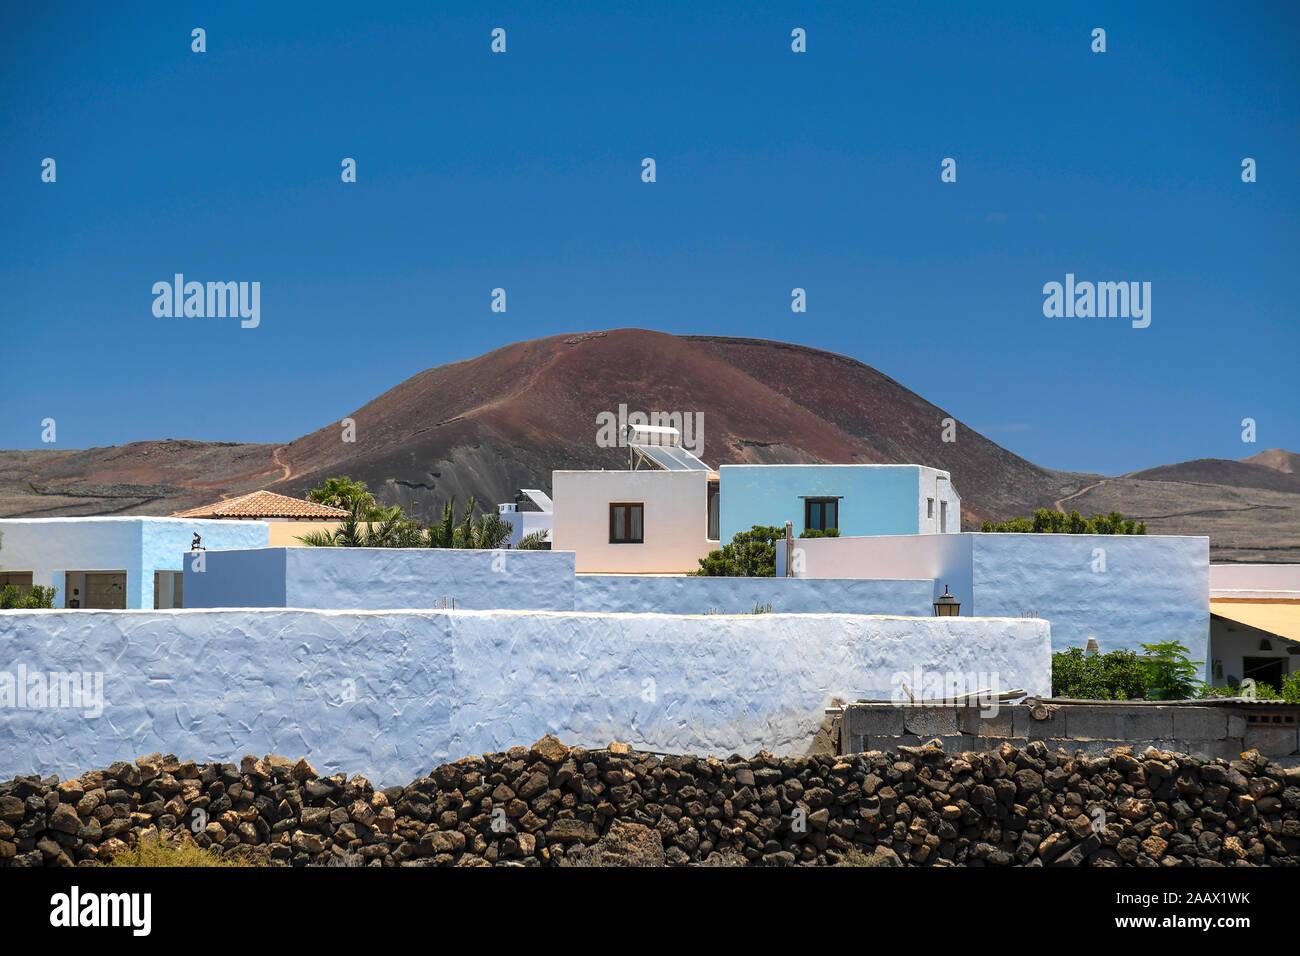 Vista de una típica aldea marina con cuadradas pequeñas casas blancas, cielo azul y marrón de colinas en el fondo, y el muro de piedra. Residencial complejo tropical Foto de stock